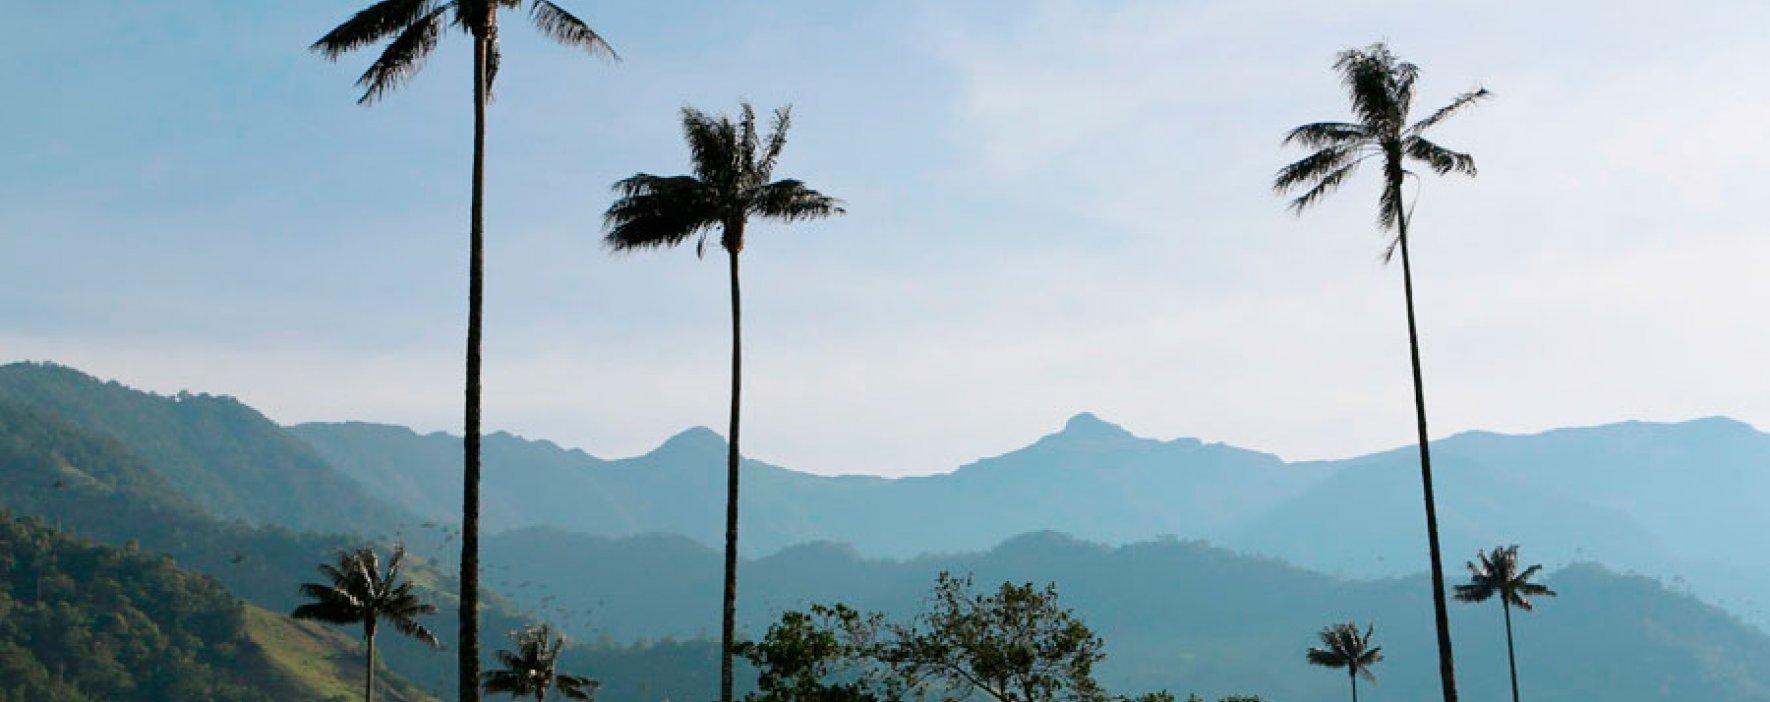 """""""El 30 % de nuestra biodiversidad está en riesgo si no cambiamos"""": Minambiente"""